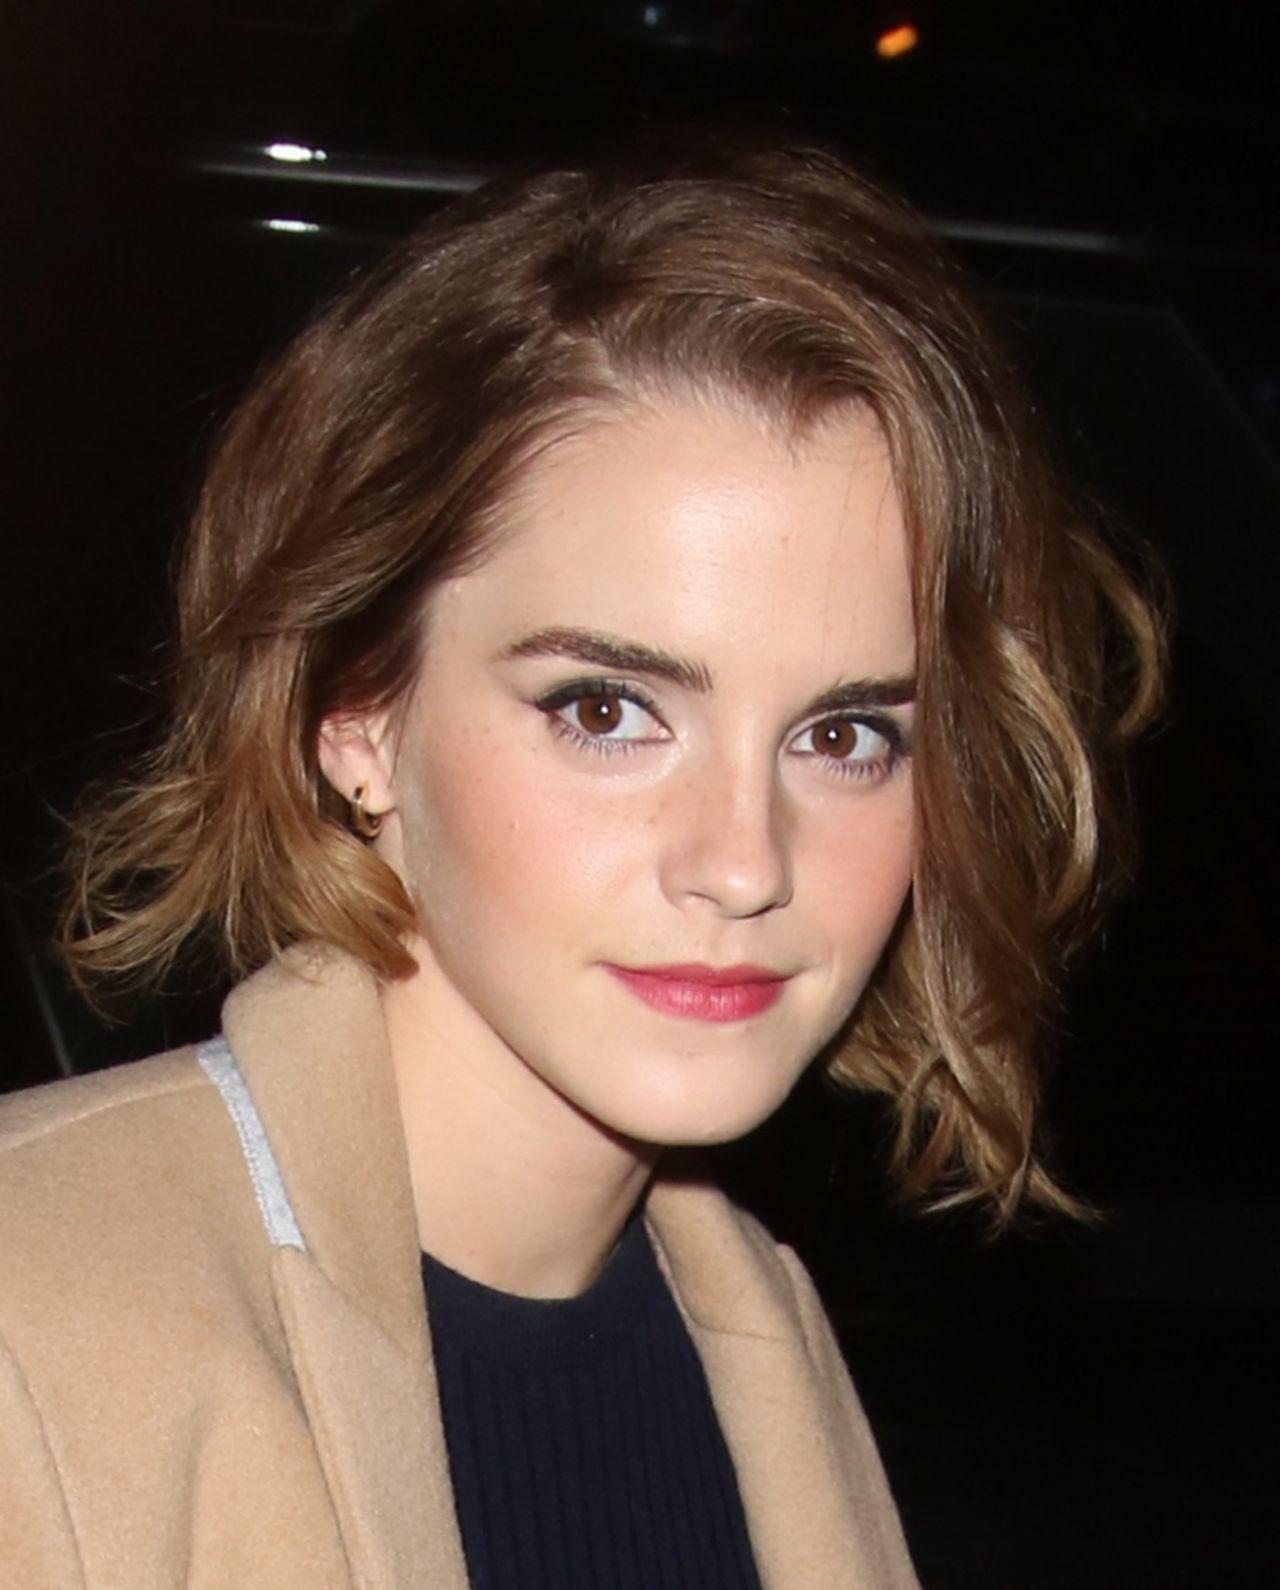 Emma Watson Photo 818733 Theplace2 Ru Emma Watson Short Hair Emma Watson Hair Short Hair Styles